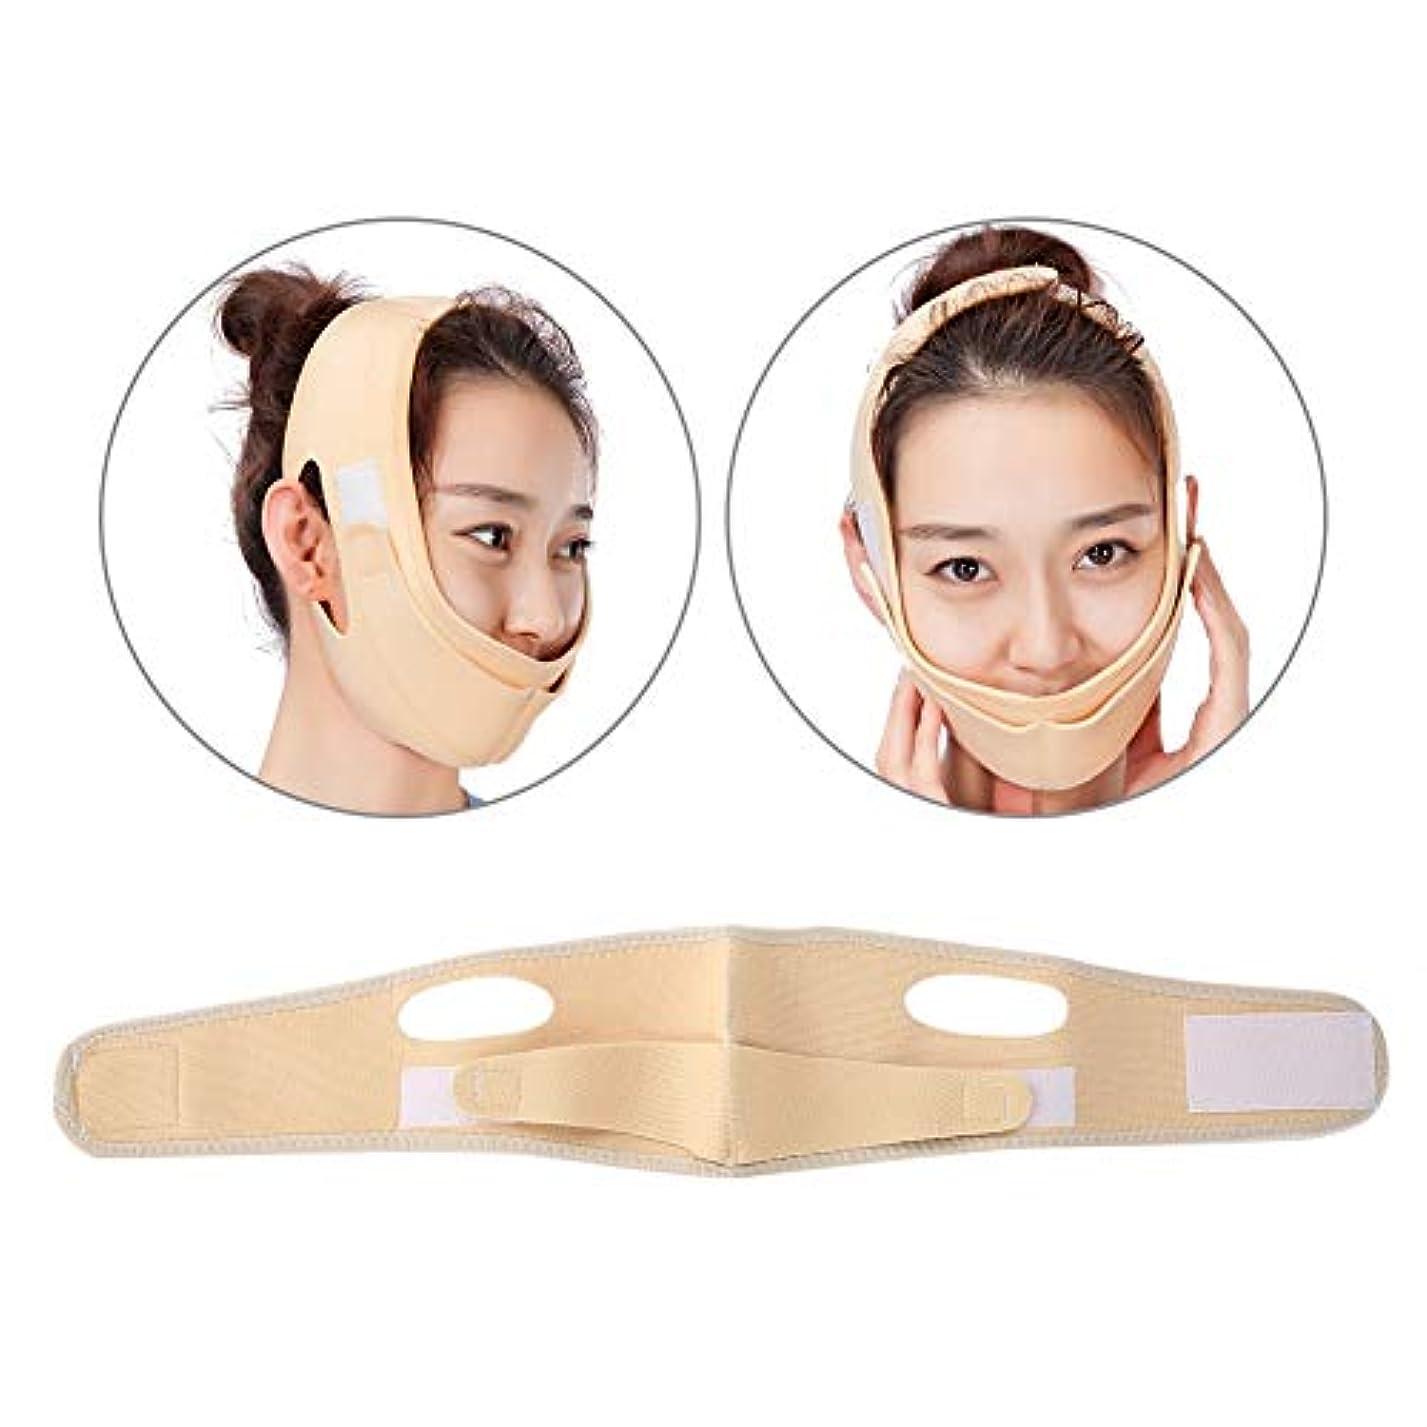 認証ジュニアコカイン2タイプフェイスリフティングマスク、ナチュラルVチーク舐め締めベルト、アンチリンクル引き締めスキンマスク、フェイスリフティング減量アンチダブルフェイシャル包帯(1#)